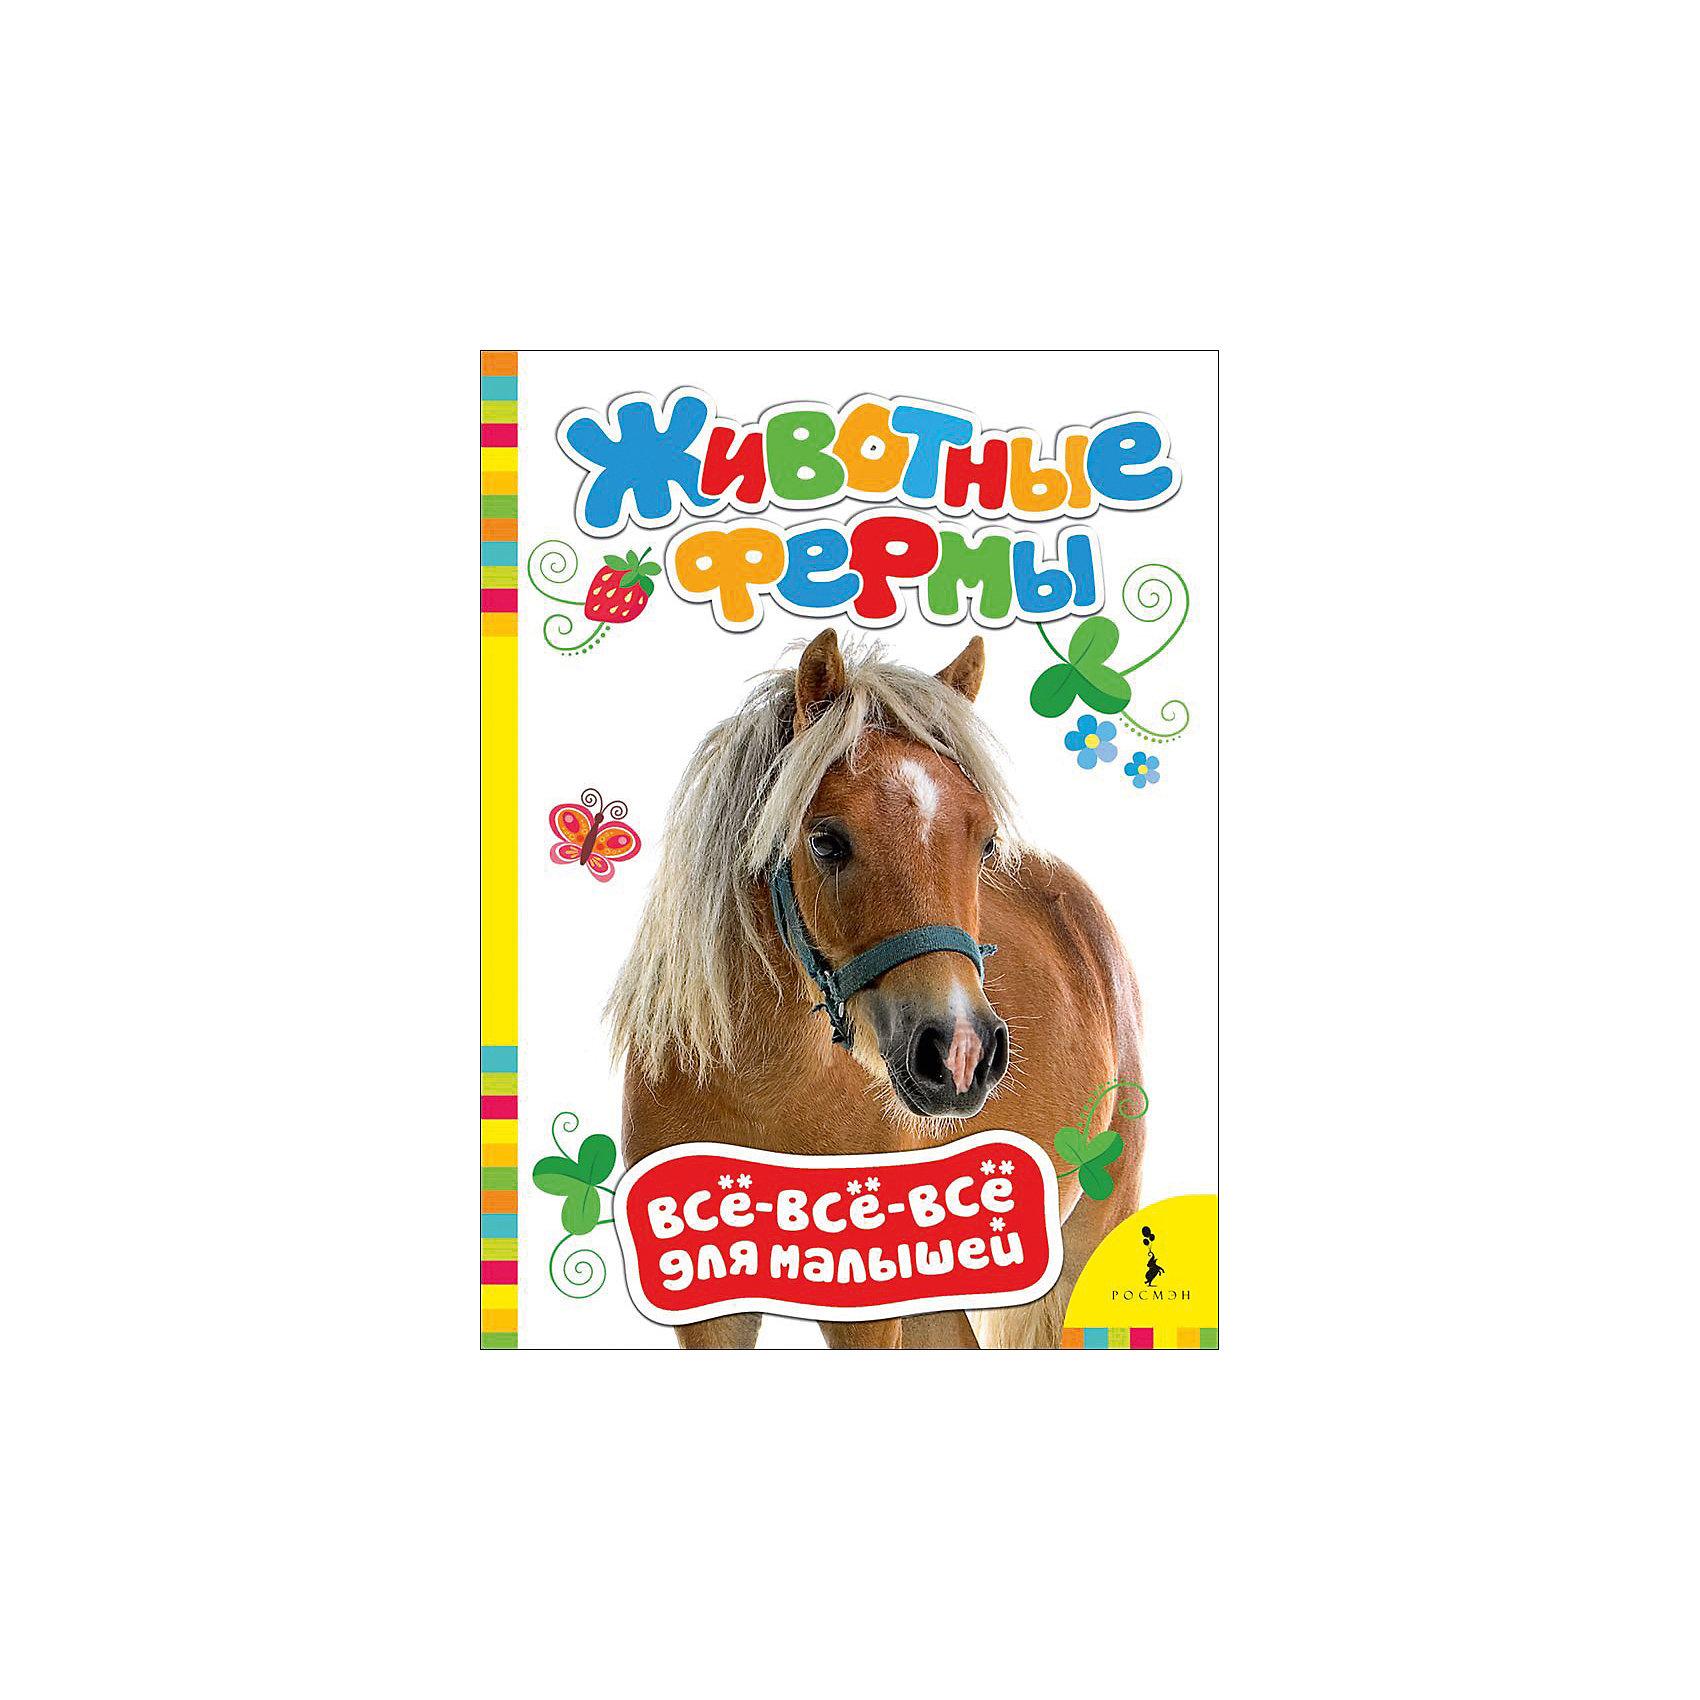 Животные фермы, Всё-всё-всё для малышейХарактеристики товара:<br><br>- цвет: разноцветный;<br>- материал: бумага;<br>- страниц: 8;<br>- формат: 16 х 22 см;<br>- обложка: твердая;<br>- иллюстрации.<br><br>Эта интересная книга с иллюстрациями станет отличным подарком для ребенка. Она поможет малышу расширить словарный запас, узнать новое и равить навыки общения. Талантливый иллюстратор дополнил книгу качественными рисунками, которые помогают ребенку познавать мир.<br>Чтение - отличный способ активизации мышления, оно помогает ребенку развивать зрительную память, концентрацию внимания и воображение. Издание произведено из качественных материалов, которые безопасны даже для самых маленьких.<br><br>Книгу Животные фермы, Всё-всё-всё для малышей от компании Росмэн можно купить в нашем интернет-магазине.<br><br>Ширина мм: 220<br>Глубина мм: 160<br>Высота мм: 5<br>Вес г: 111<br>Возраст от месяцев: 0<br>Возраст до месяцев: 36<br>Пол: Унисекс<br>Возраст: Детский<br>SKU: 5110248